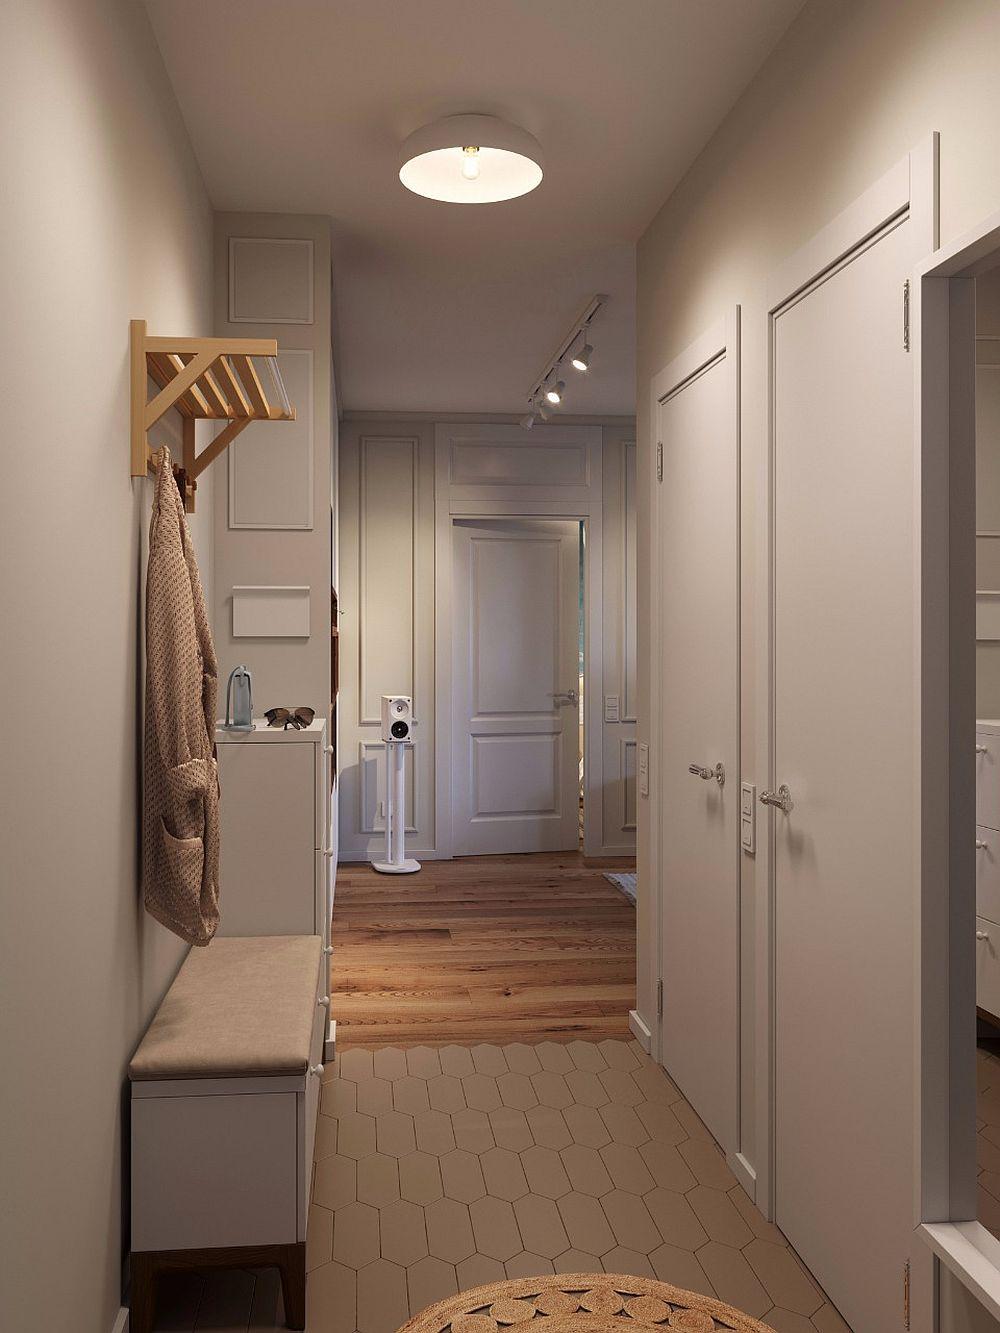 Imagine de la intrarea în locuință către living. Se pot observa în dreapta ușile interioare ale băii și spațiului de depozitare, iar în față una dintre ușile dormitorului.